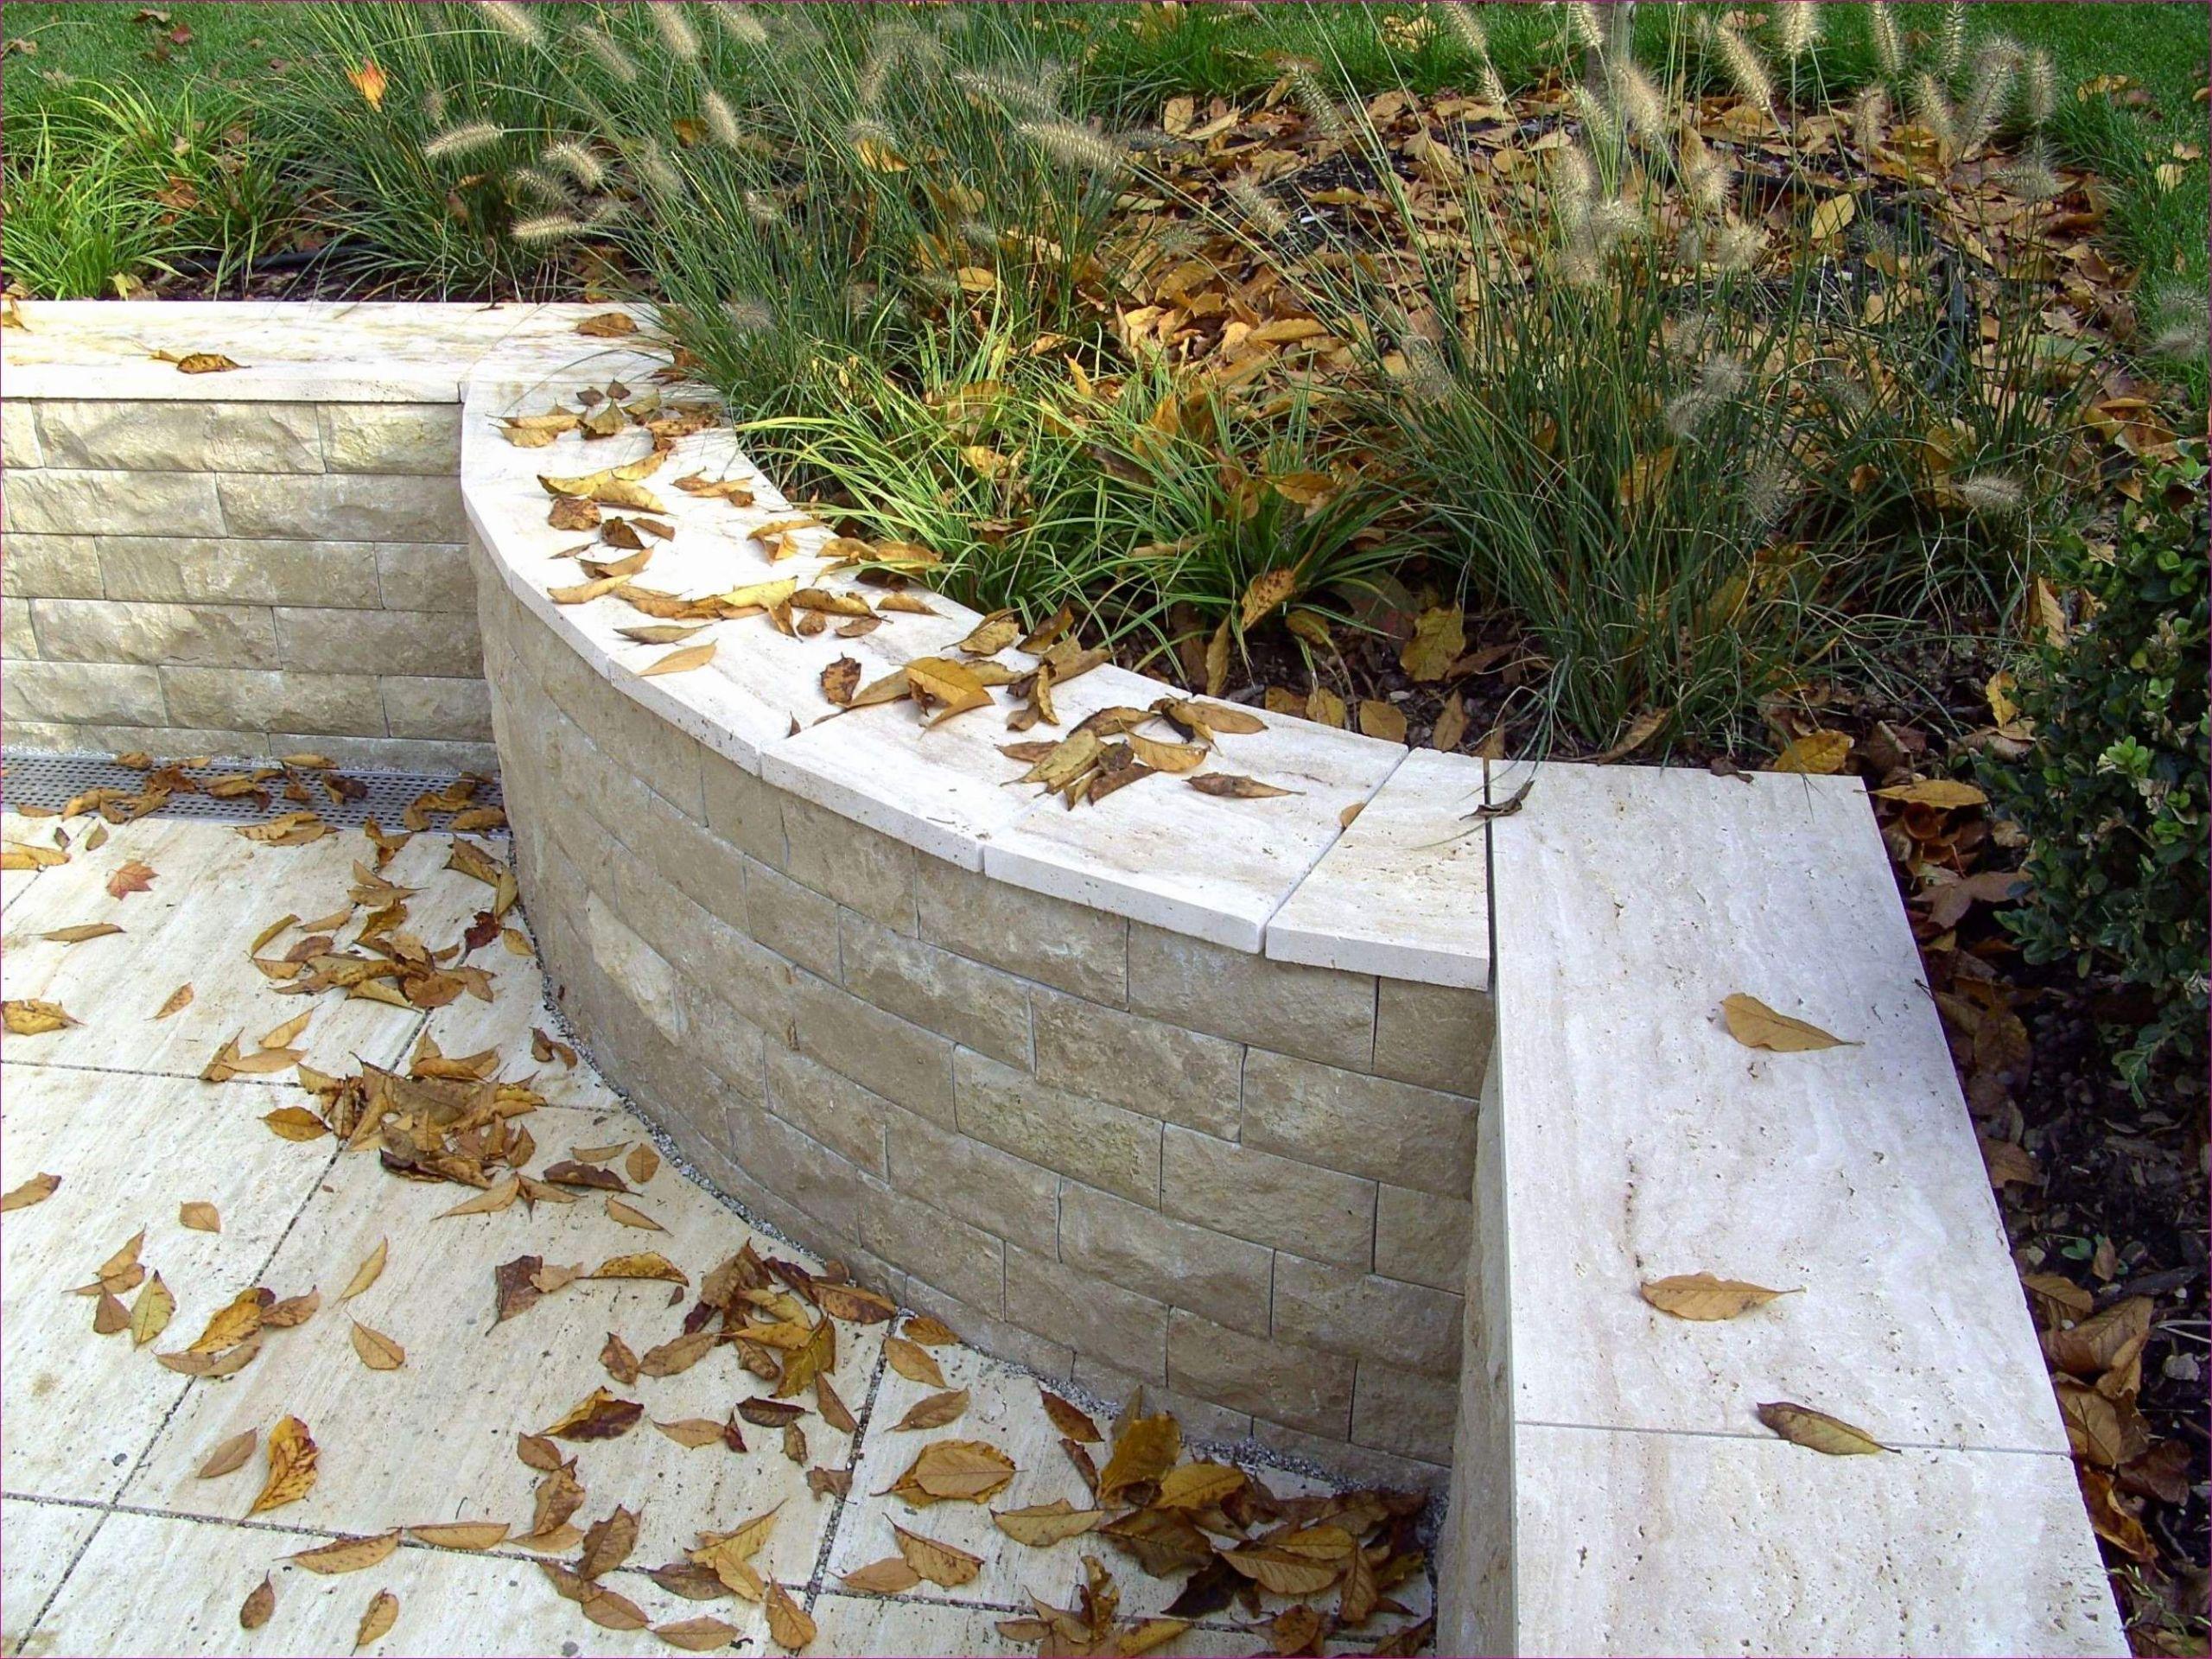 kleiner wintergarten ideen frisch elegant wintergarten gestalten kleiner wintergarten ideen kleiner wintergarten ideen